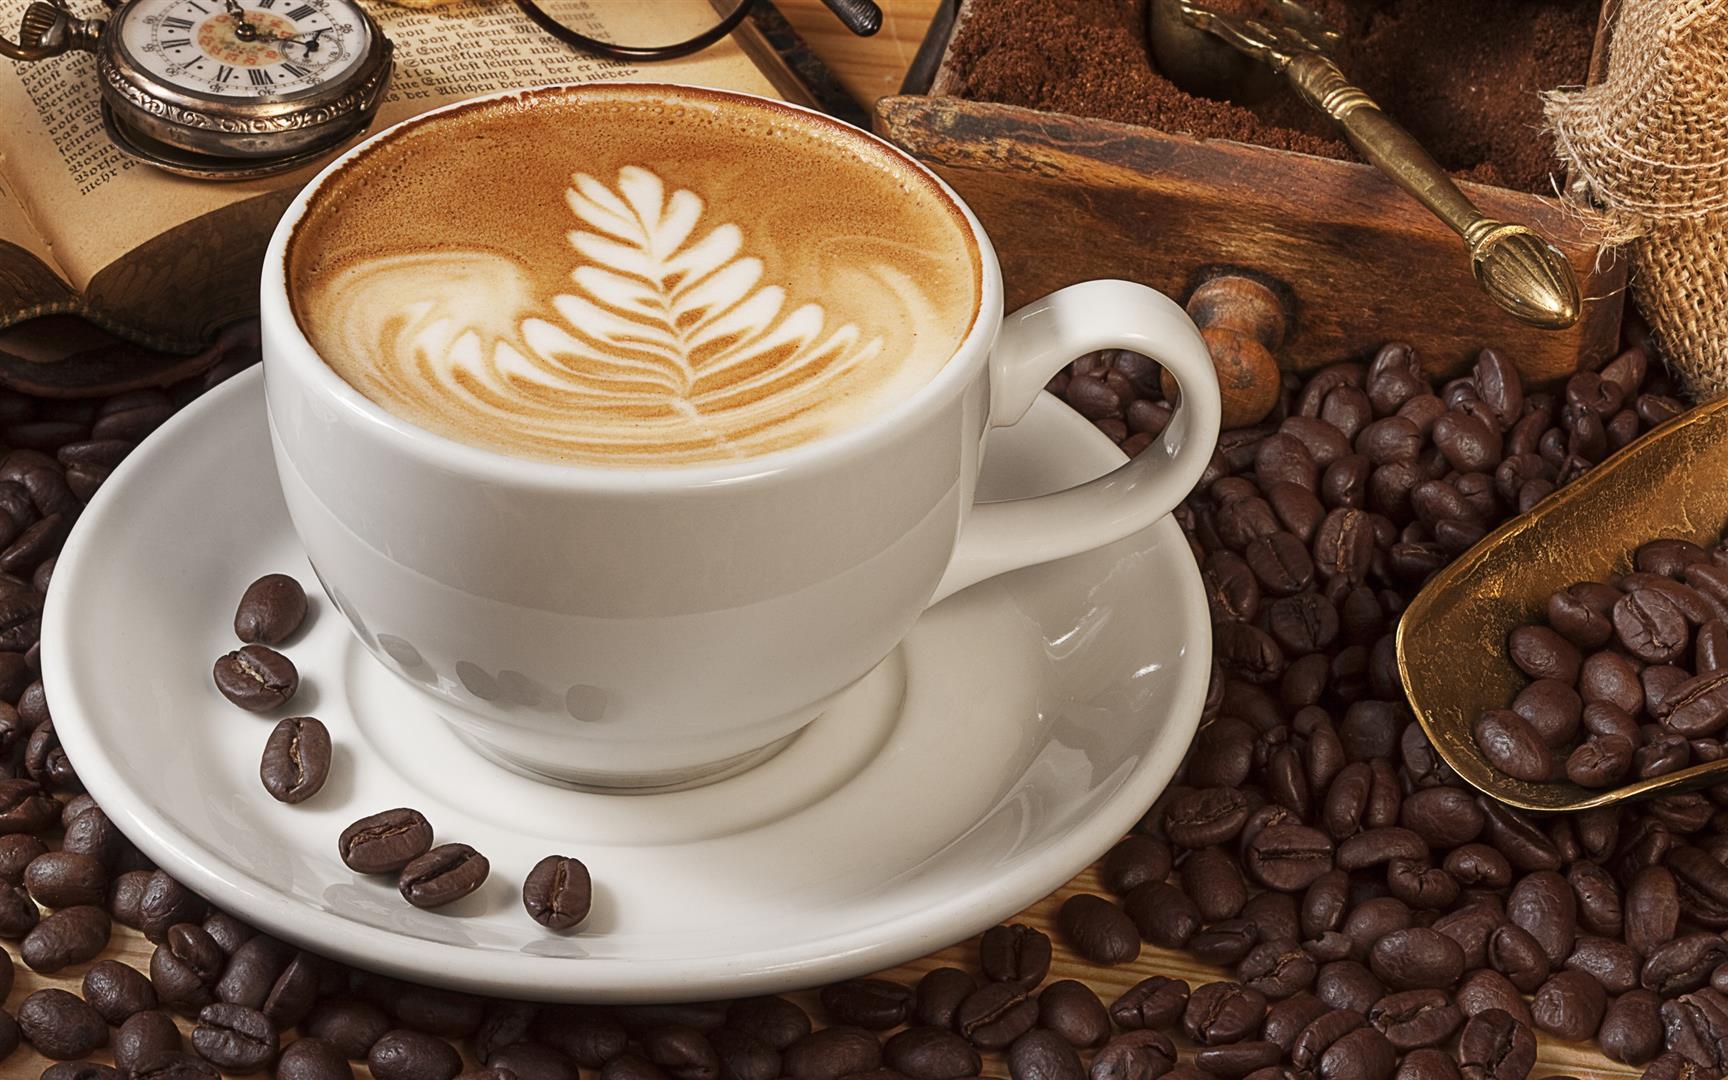 Arriva l'invasione del 'frappuccino'